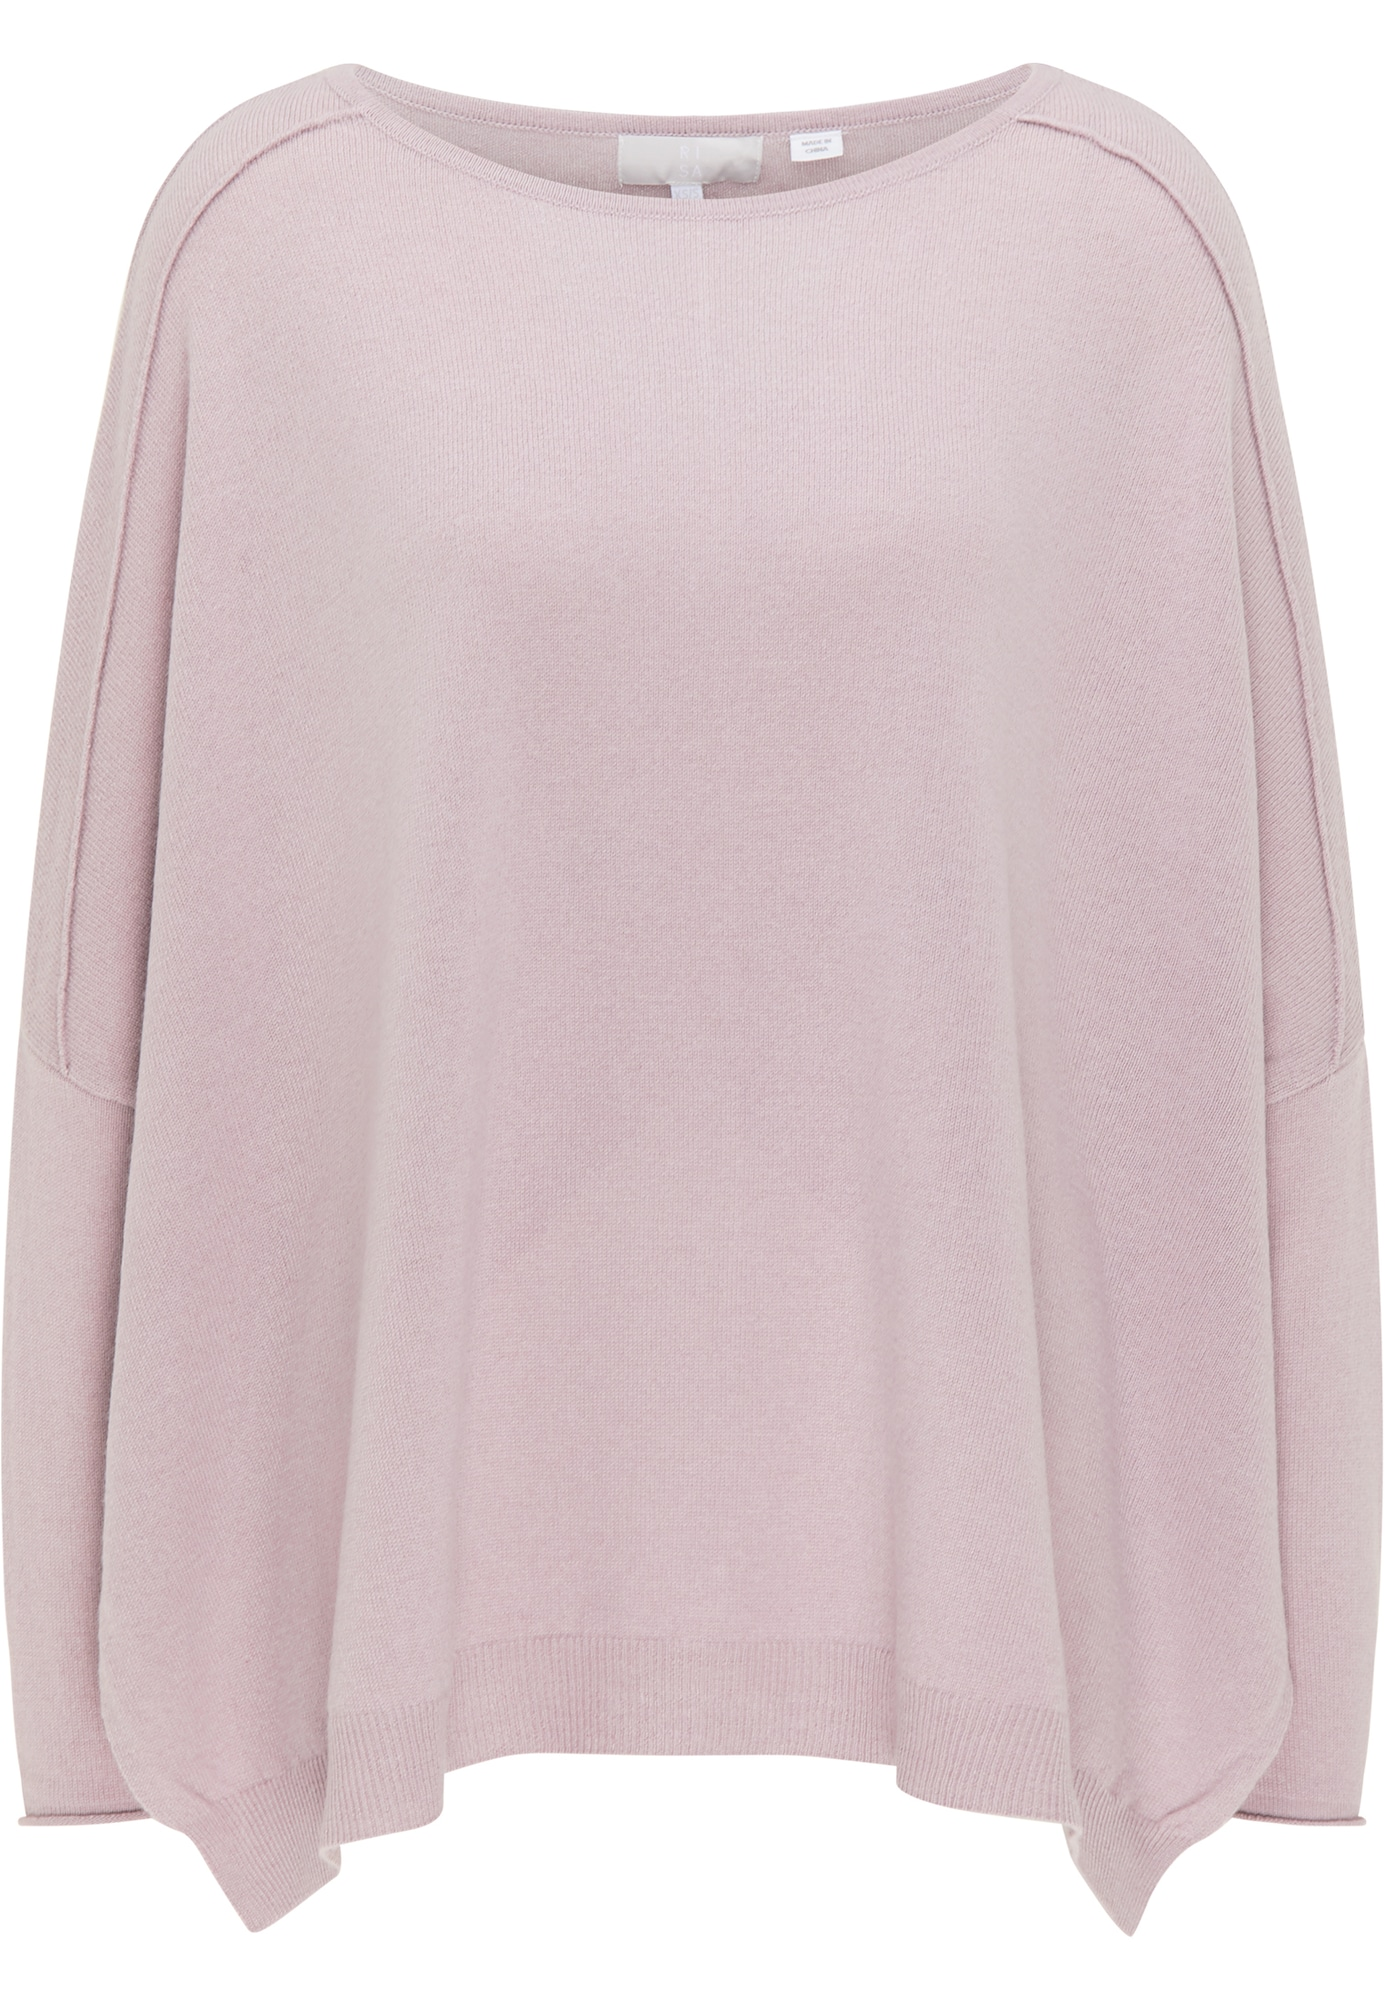 RISA Megztinis ryškiai rožinė spalva